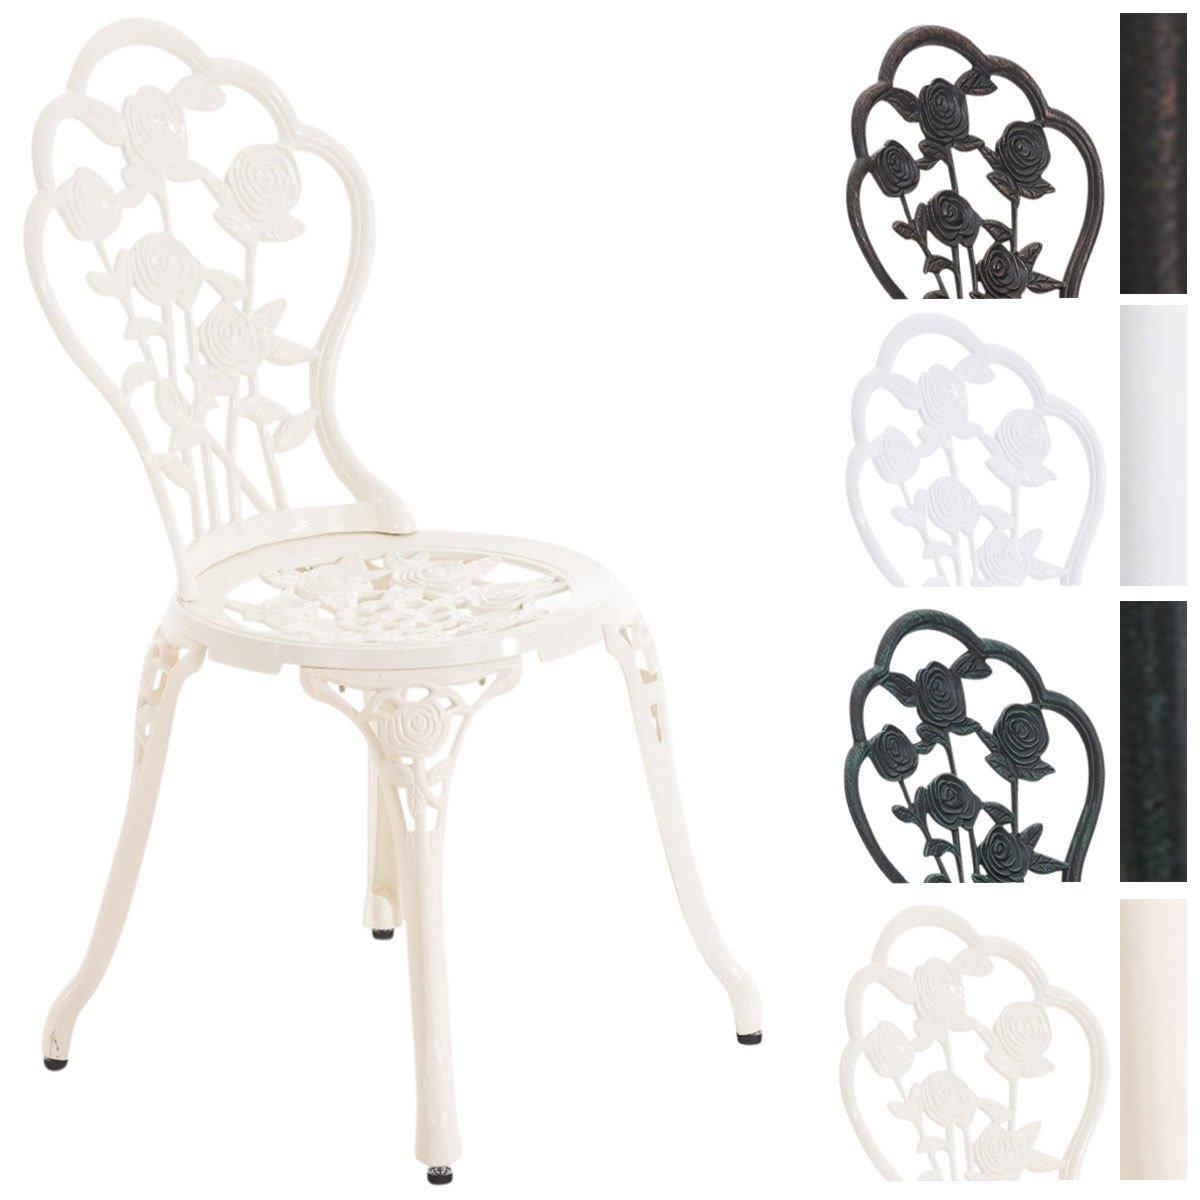 CLP Aluminium cast bistro chair, garden chair GANESHA, weather resistant, antique, nostalgic bronze